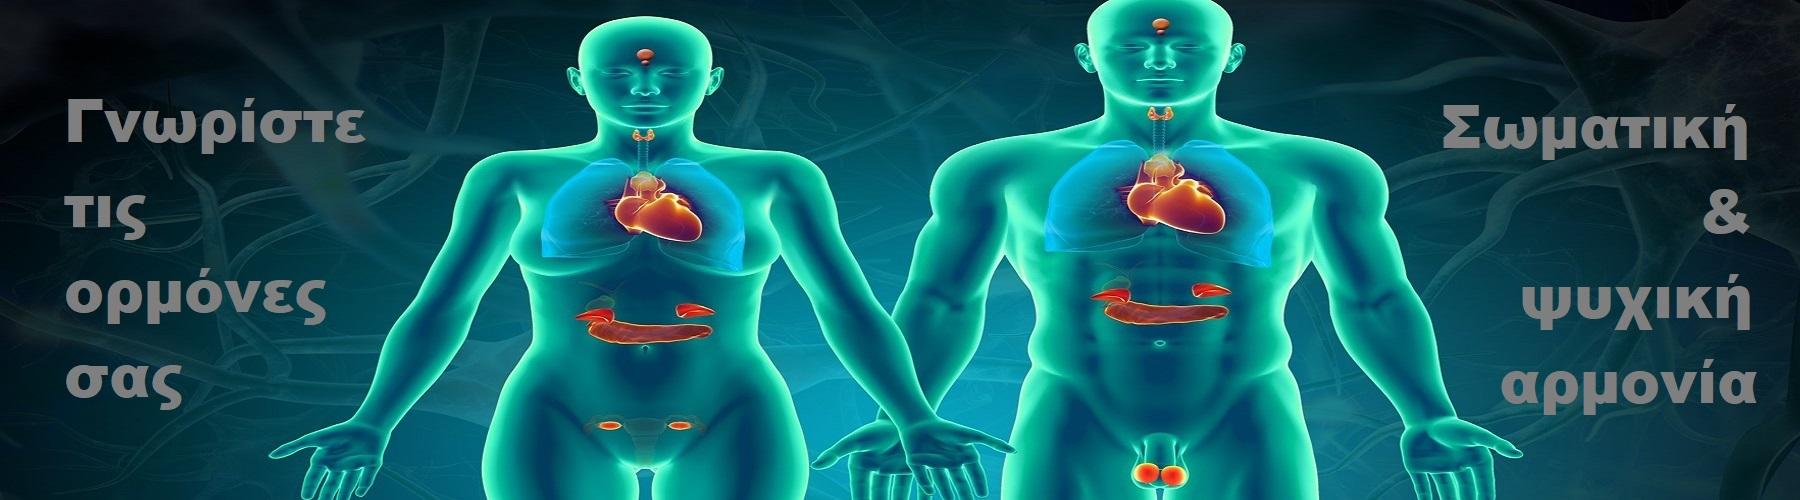 Γυναικείες και ανδρικές ορμόνες